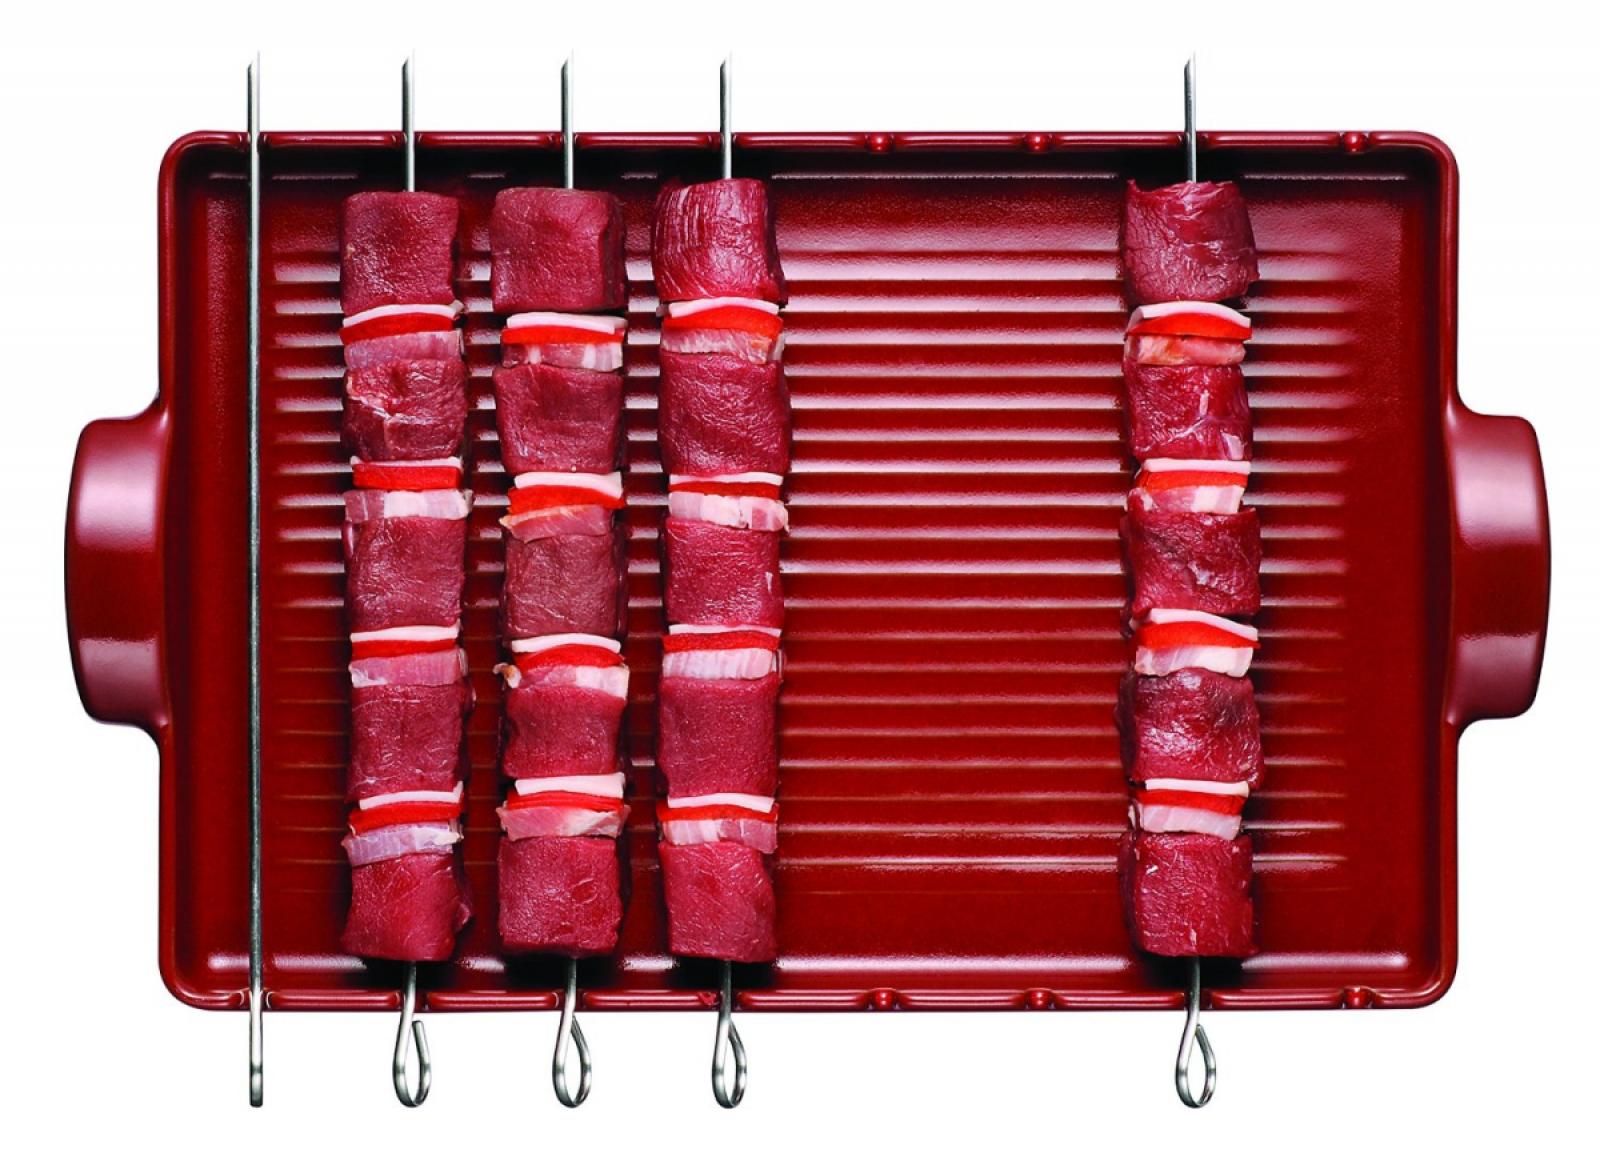 Гриль для мяса и овощей Emile Henry BBQ, 42x25 см, красный Emile Henry 347542 фото 1